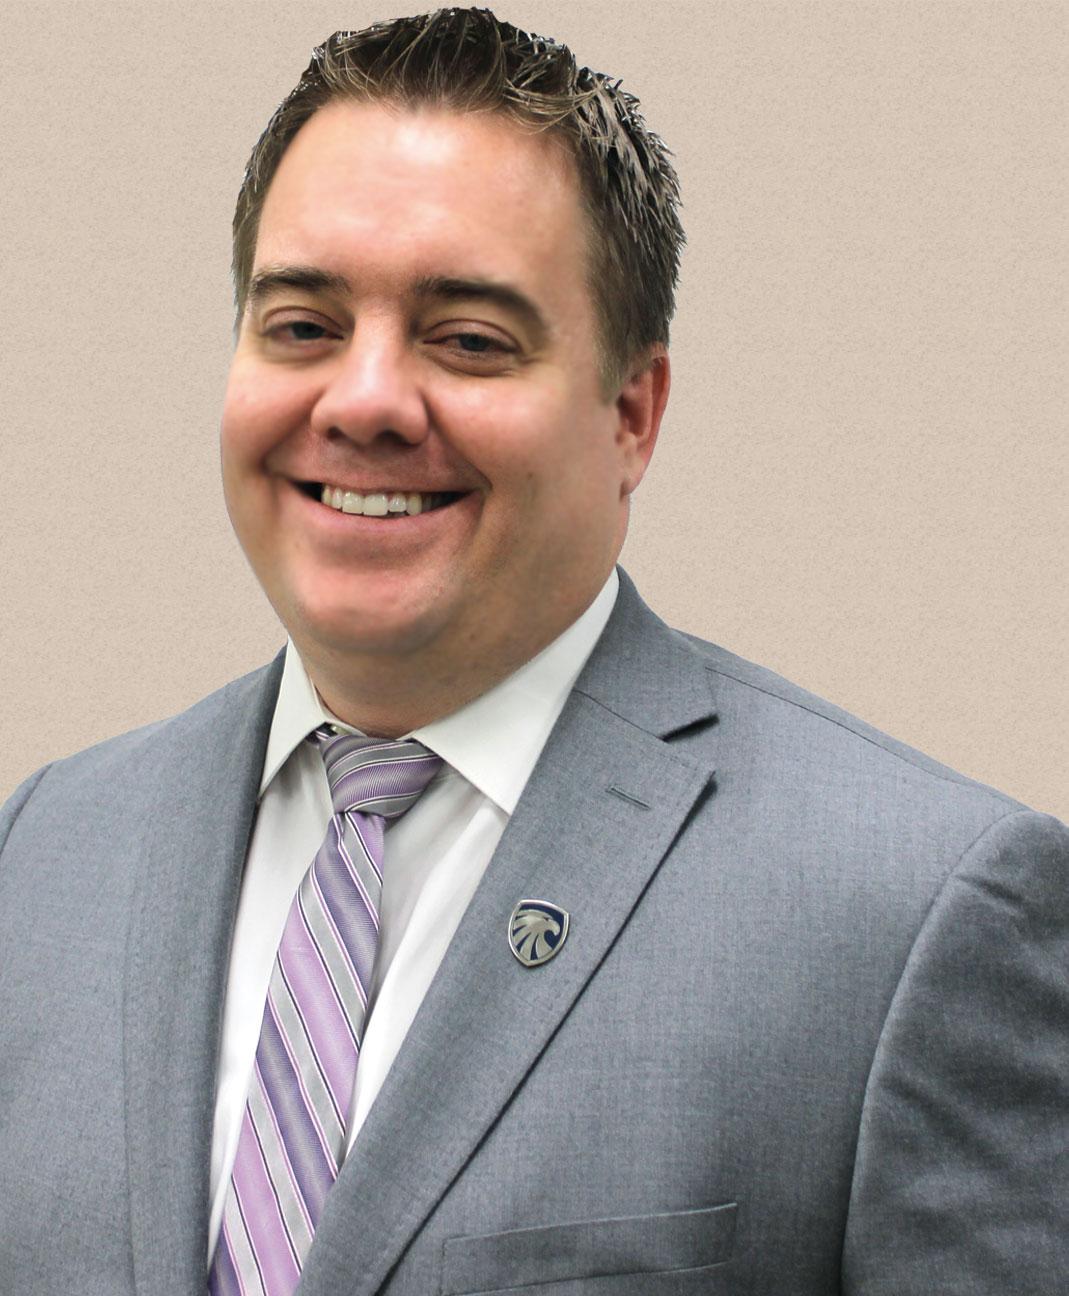 Judd R. Allen